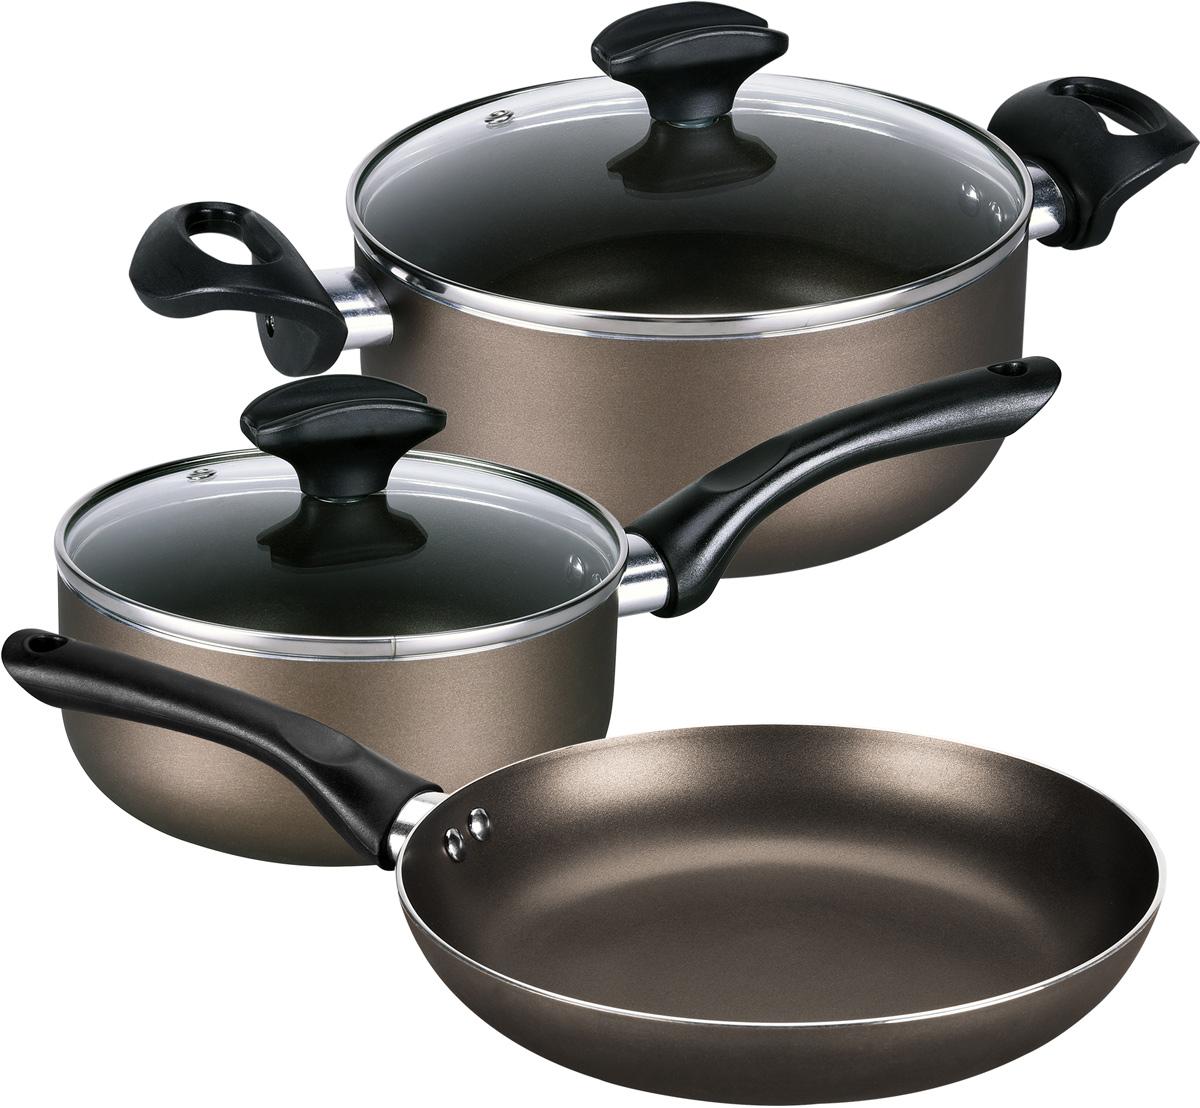 Набор посуды Polaris Cher-05S, с антипригарным покрытием, 5 предметов набор посуды polaris verona 04s